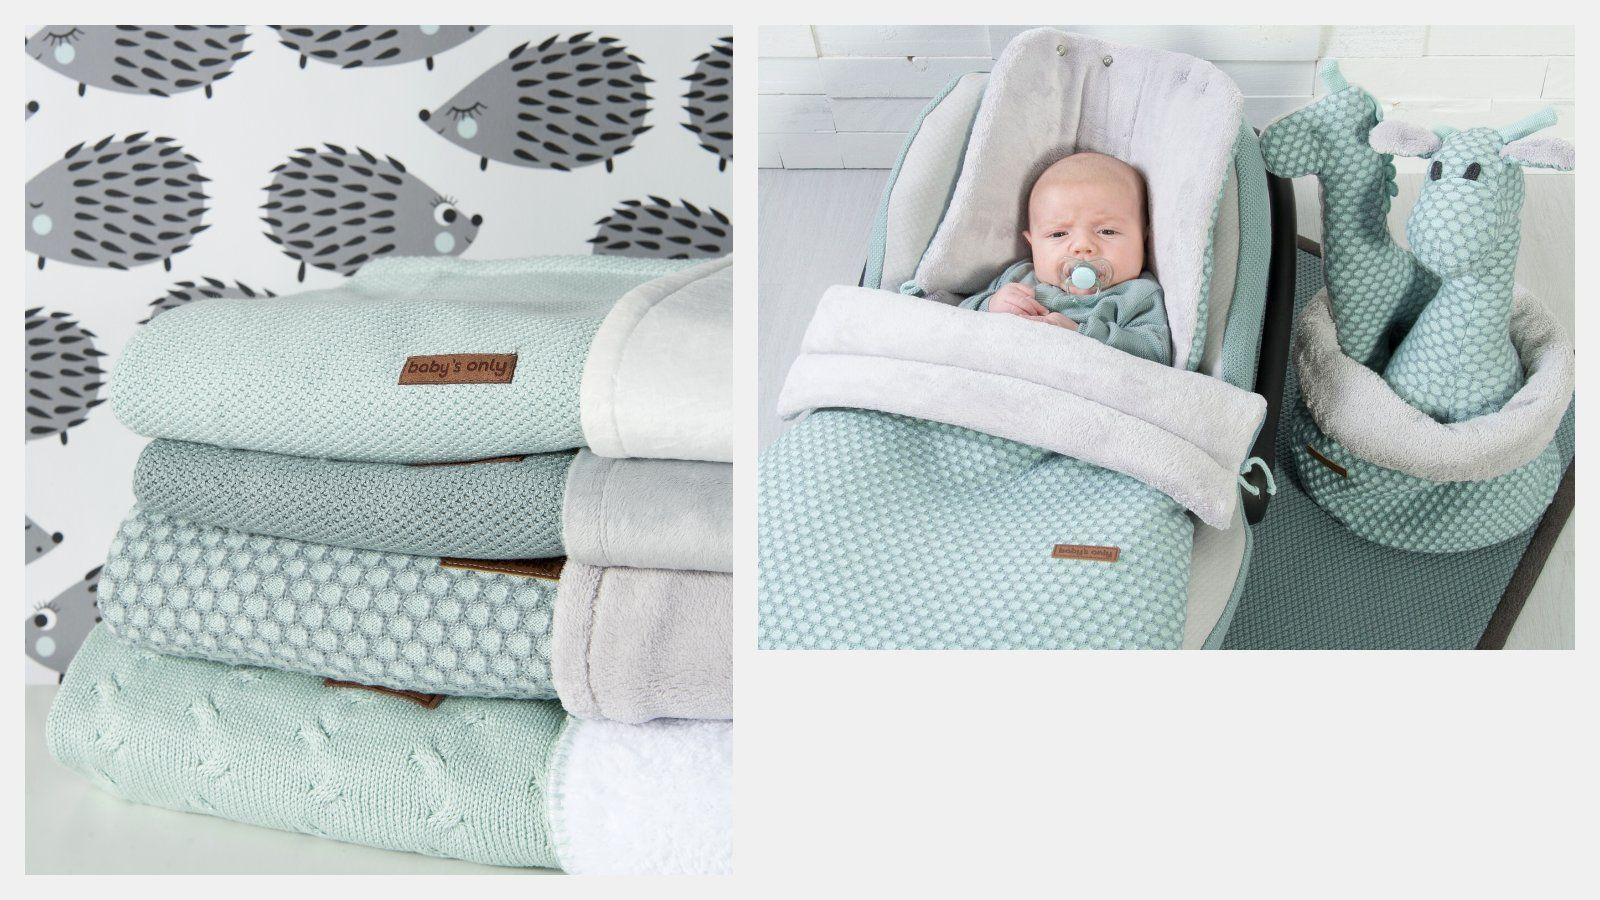 Baby- & Kinderzimmer in Mint online kaufen bei Fantasyroom